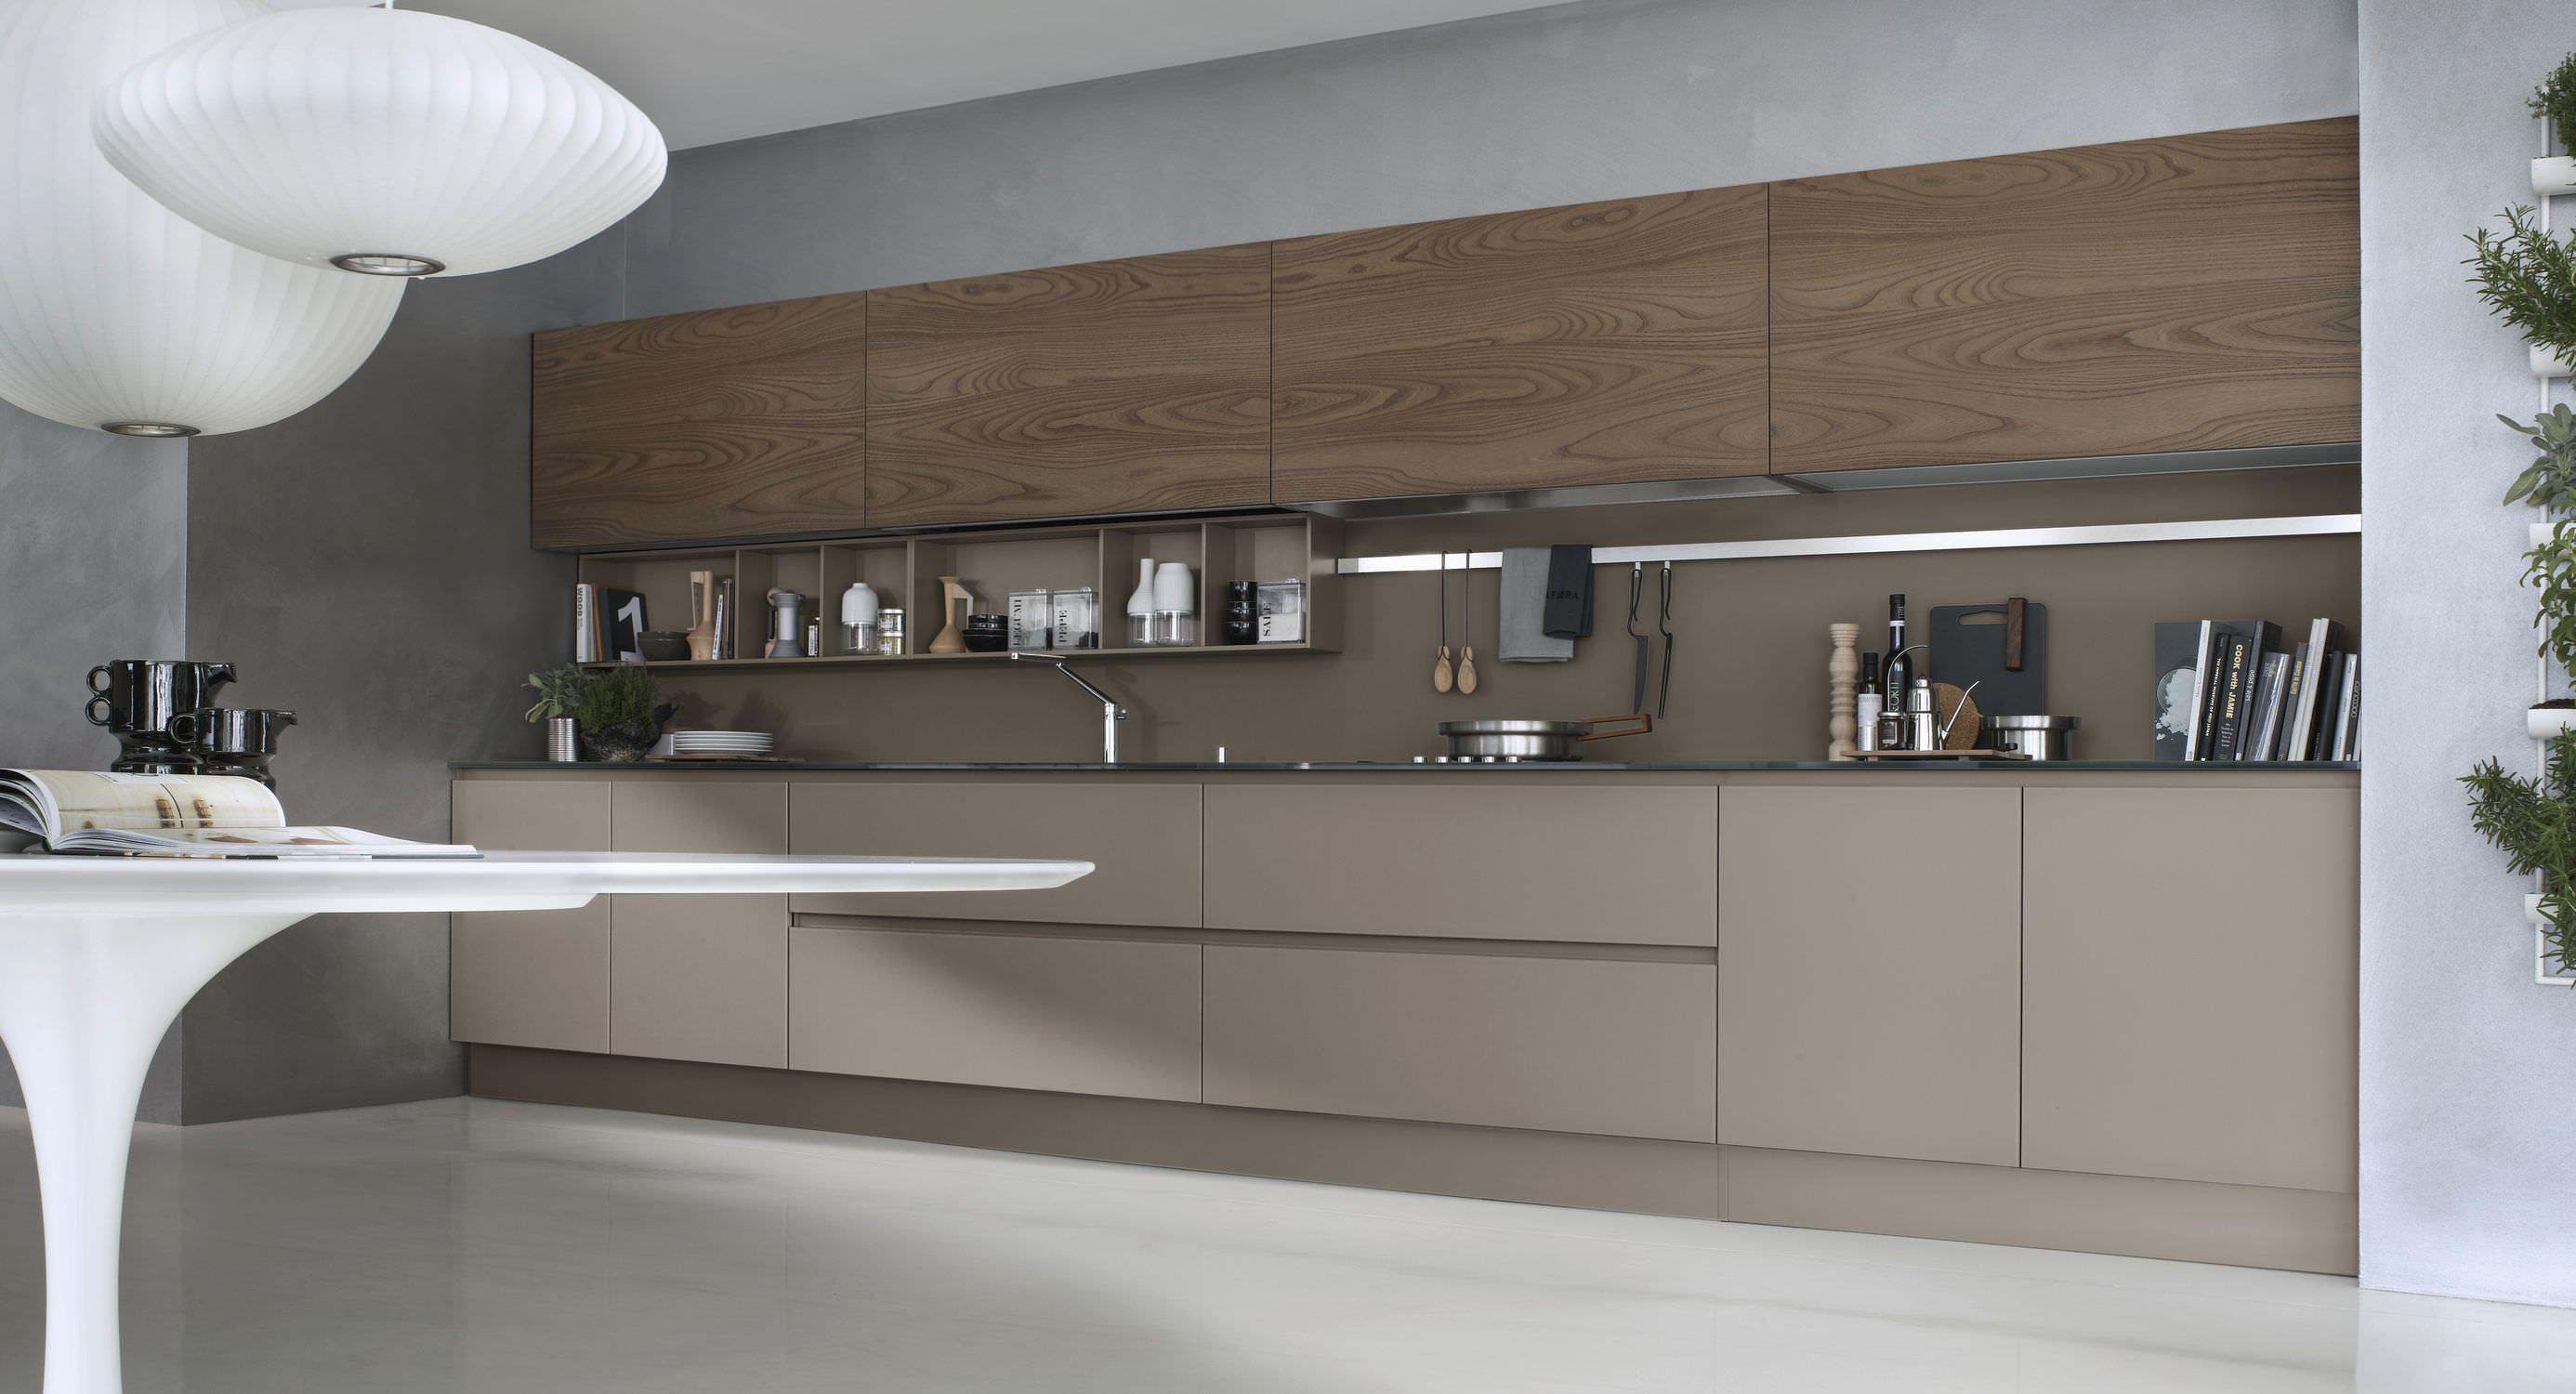 Cucina moderna / in vetro / impiallacciata in legno / senza maniglie ...